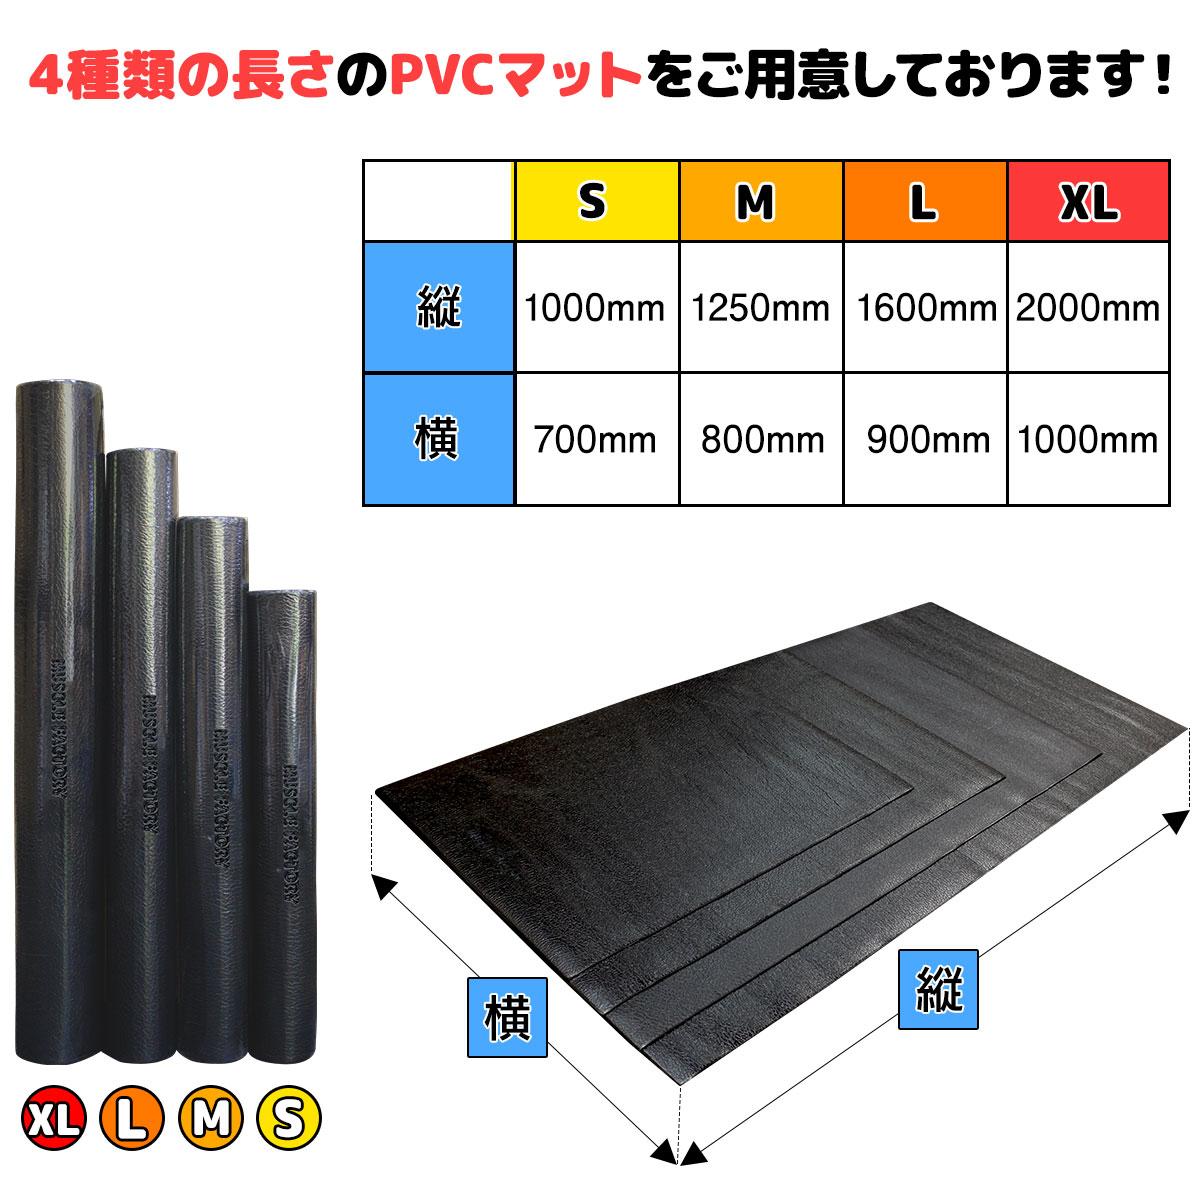 MUSCLE FACTORY フロアマット ベンチマット 筋トレ マット ヨガマット 防傷 防音 PVC 2000*1000*6mm